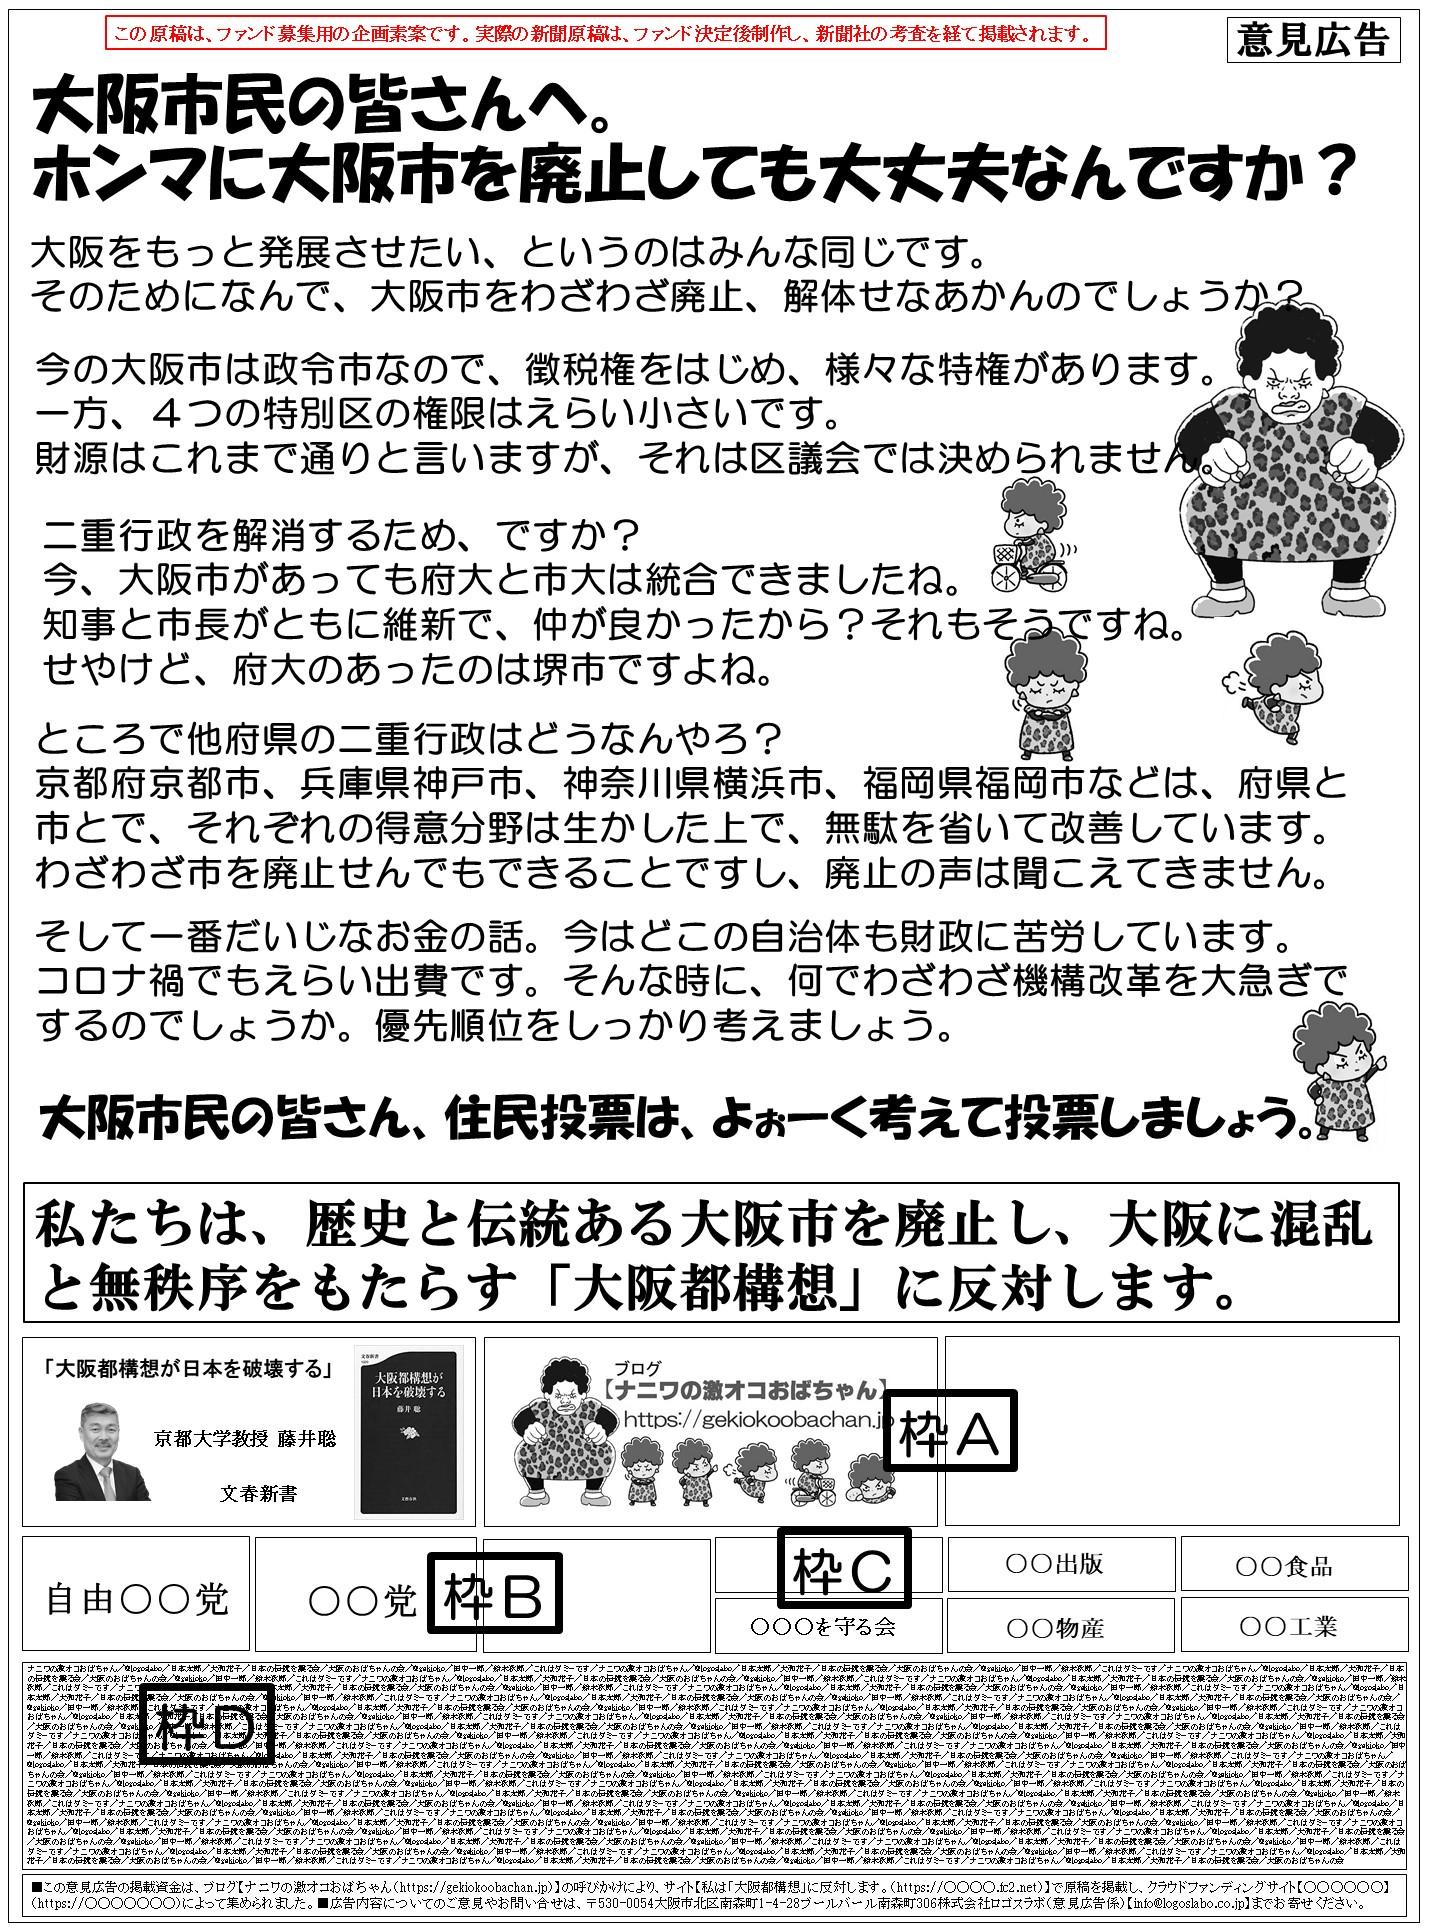 大阪市民の皆さんへ